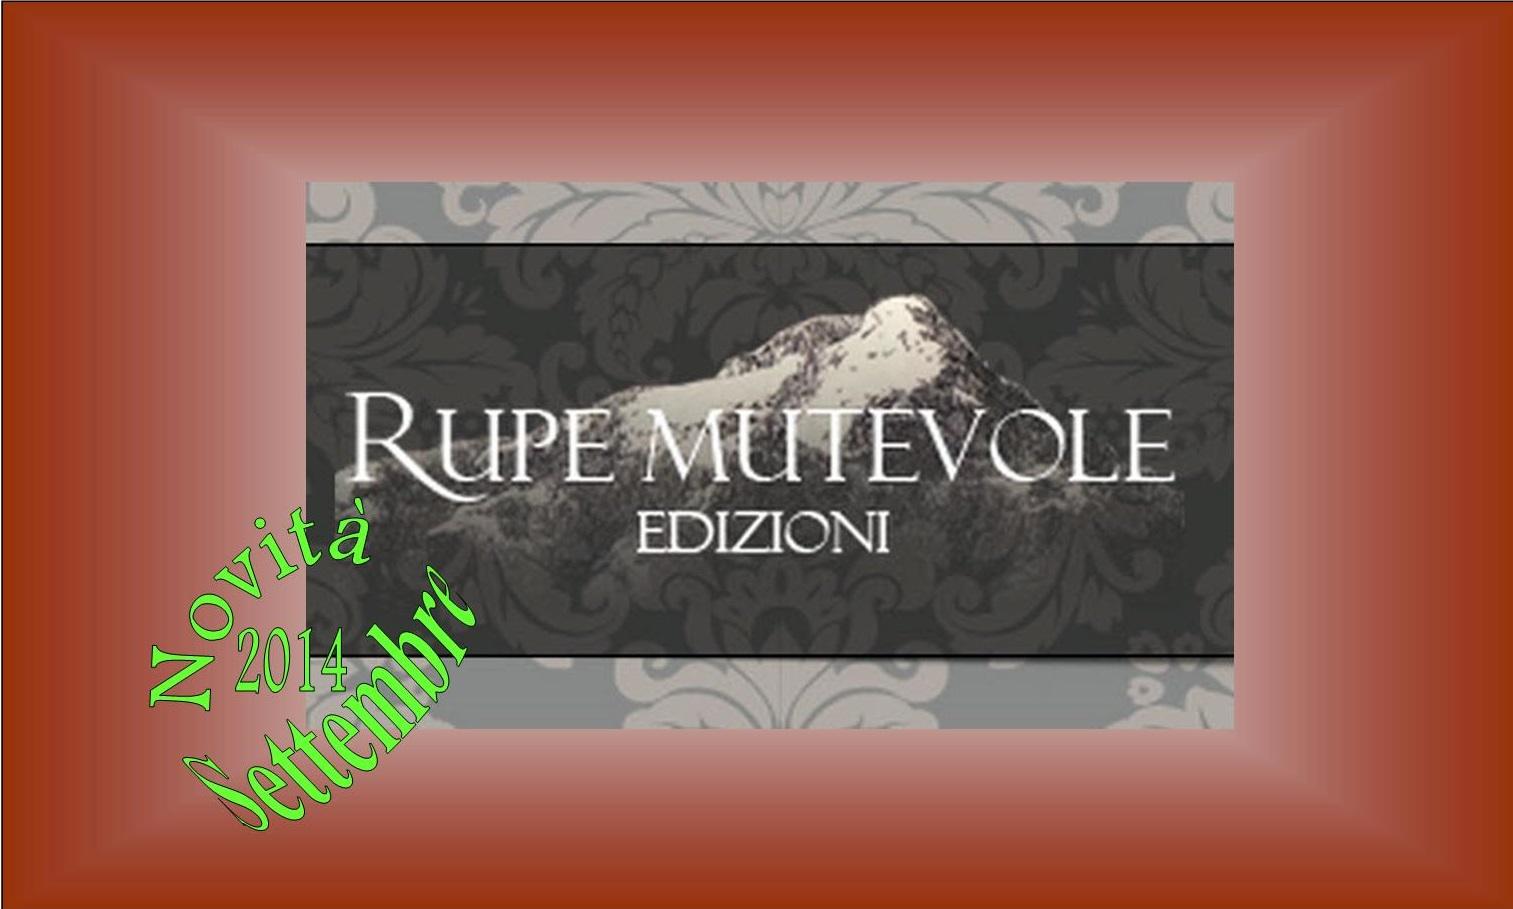 Le novità editoriali di settembre 2014 della casa editrice Rupe Mutevole Edizioni